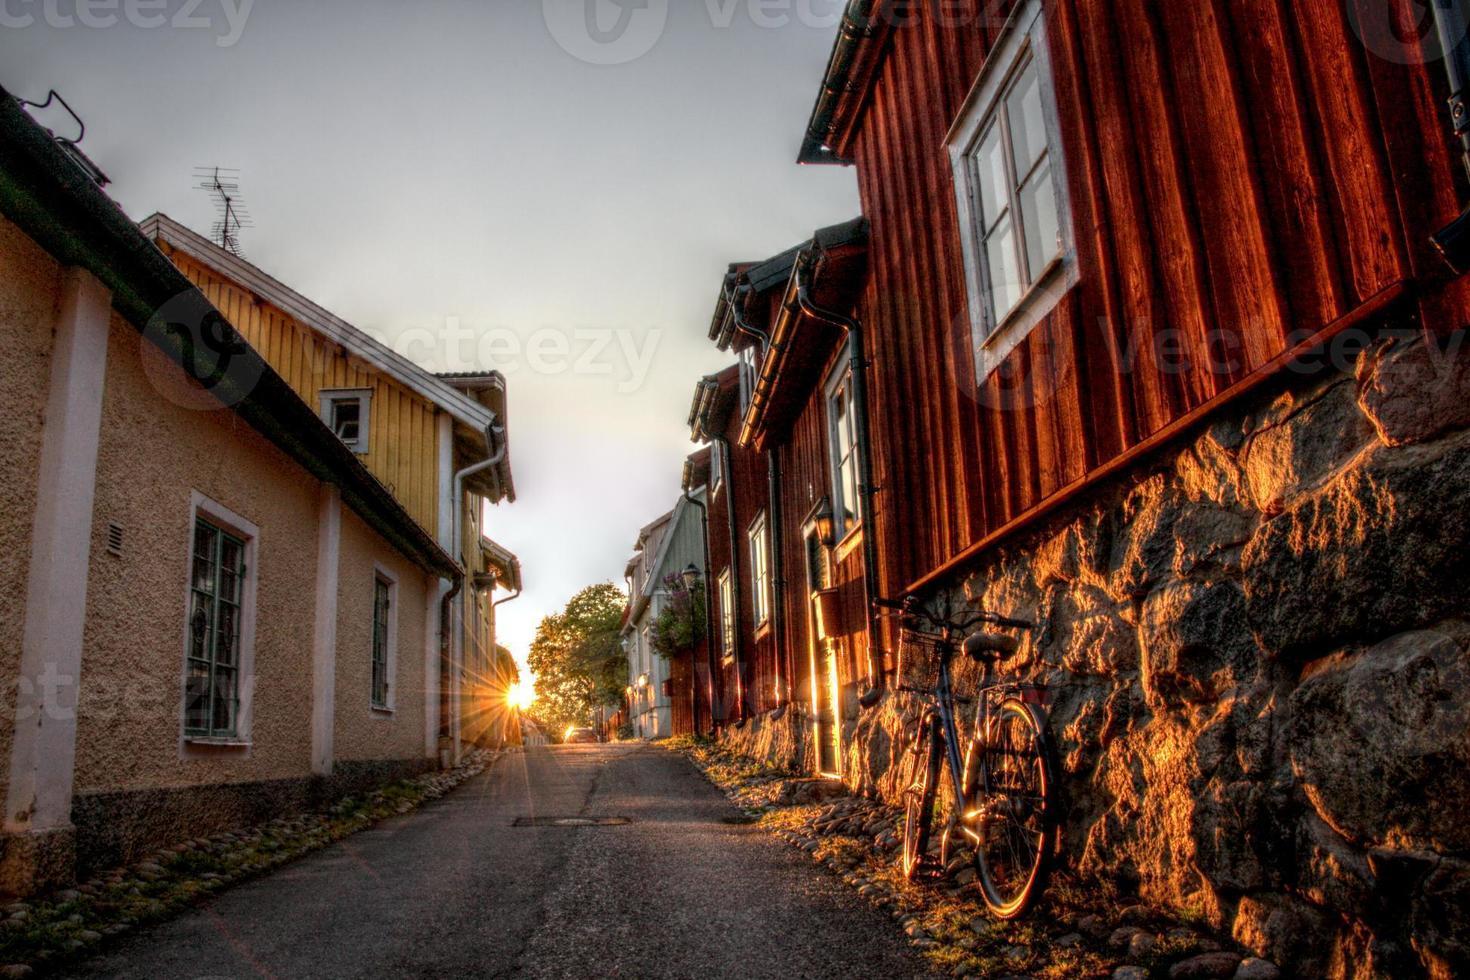 tramonti nelle strade di strängnäs, svezia foto